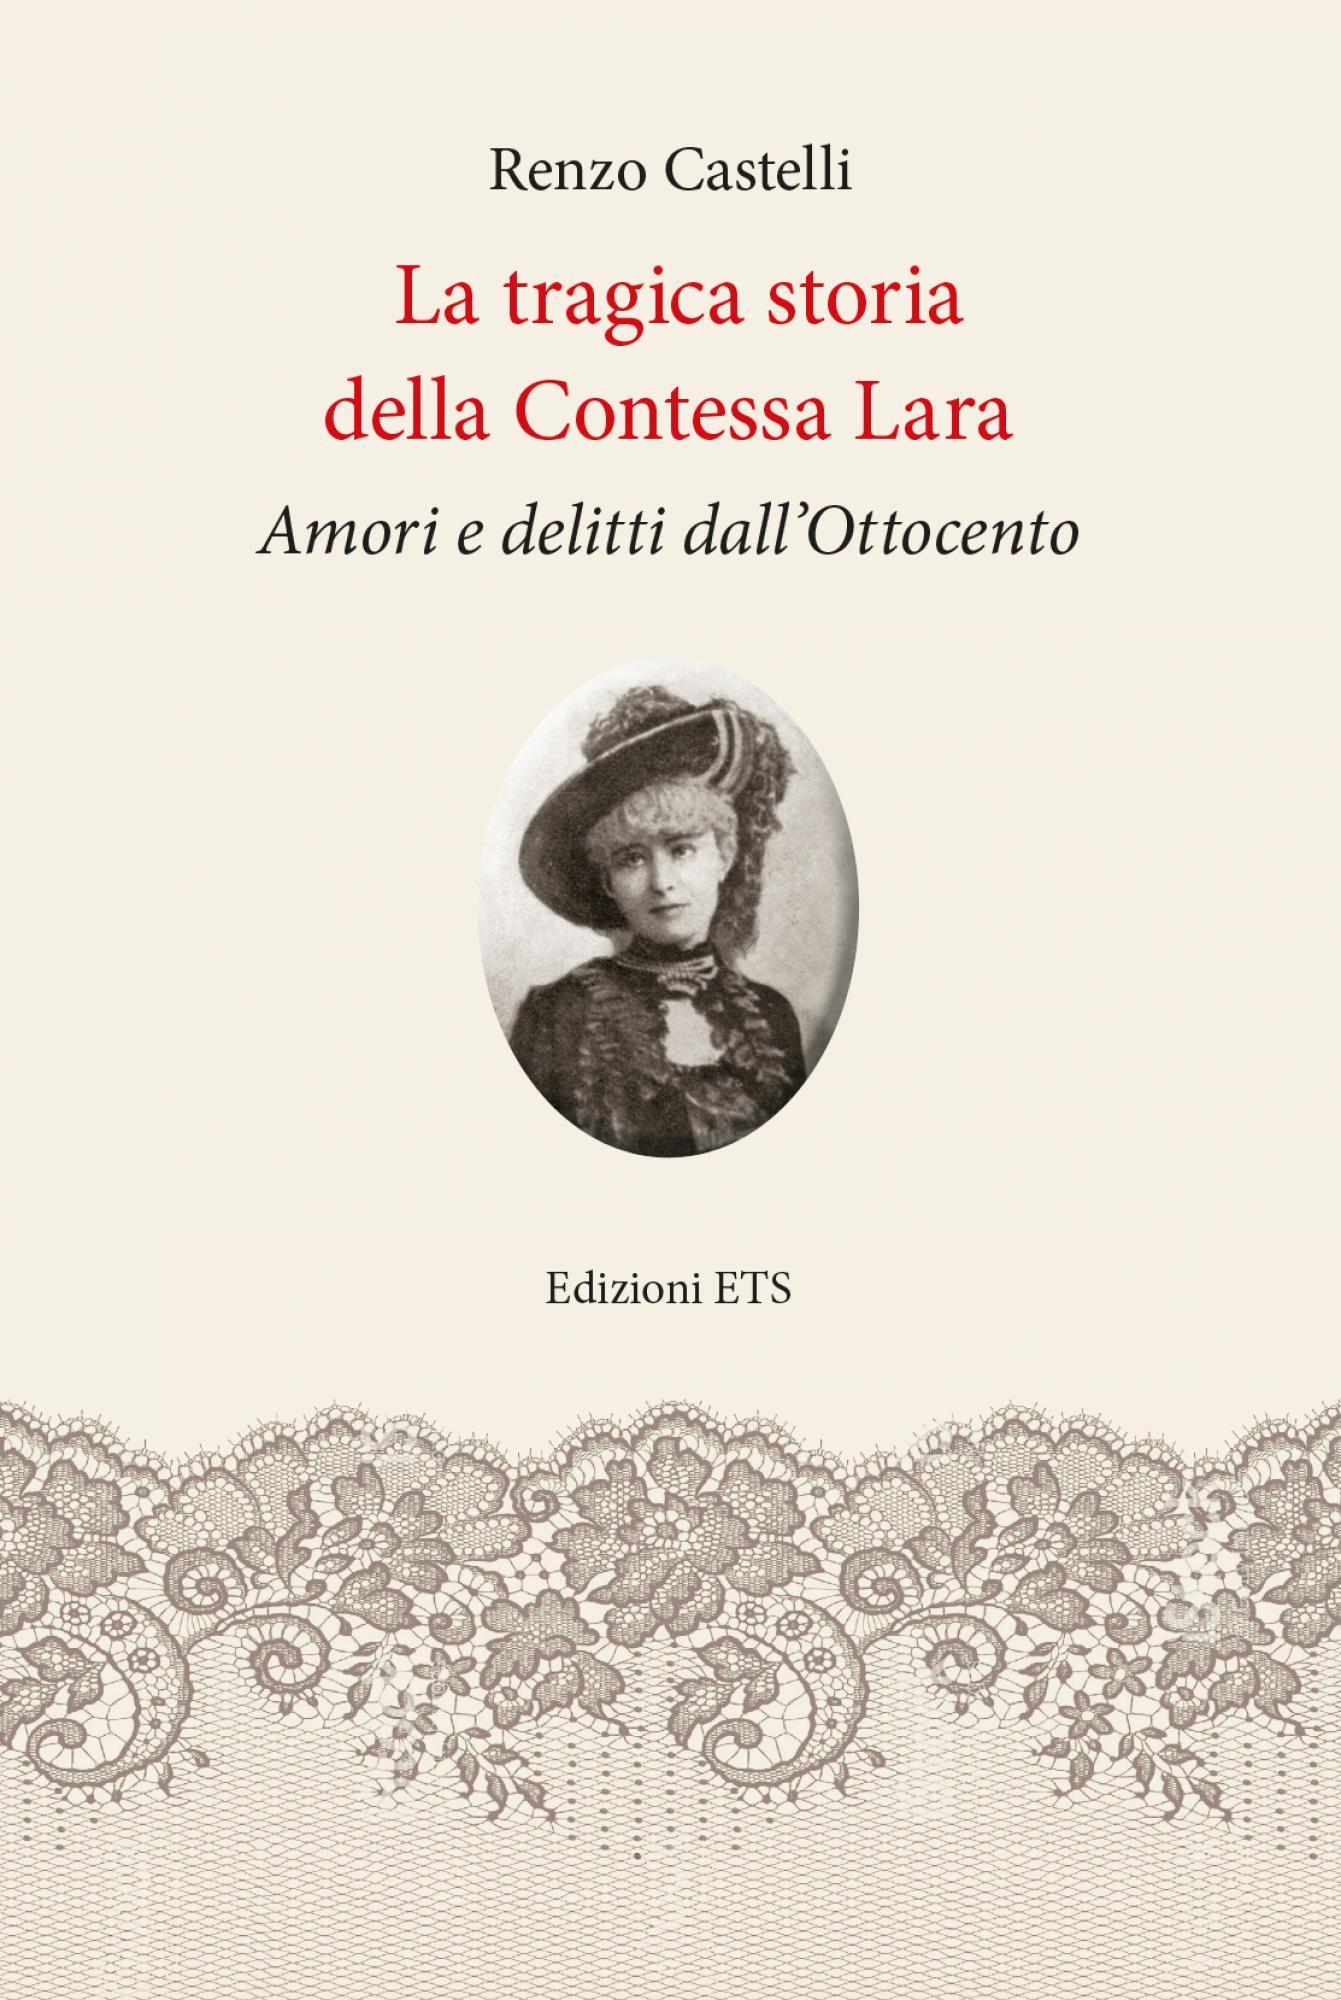 La tragica storia<br />della Contessa Lara.Amori e delitti dall'Ottocento